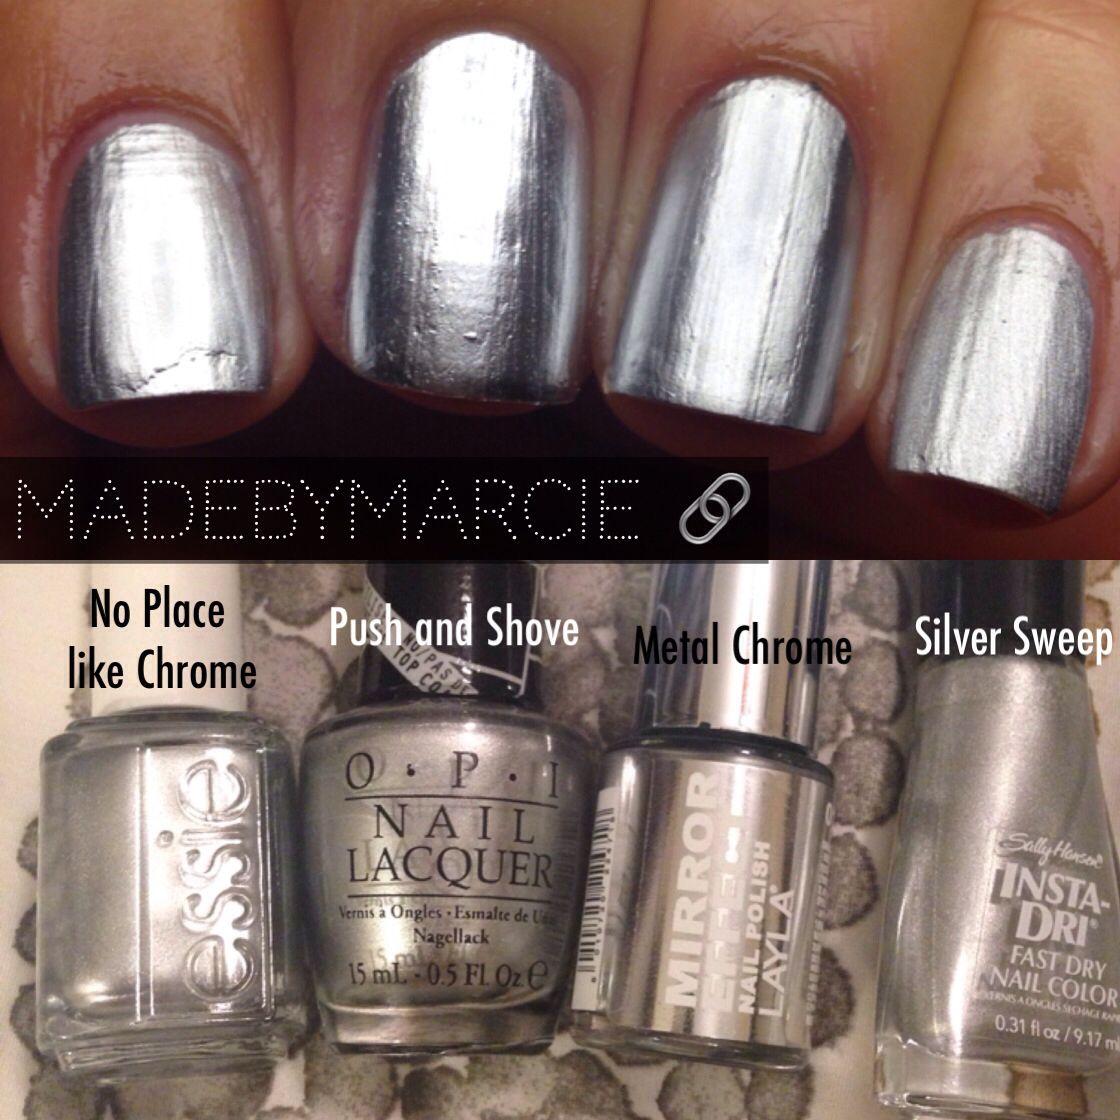 OPI Push And Shove Mirror Metallic Comparison.